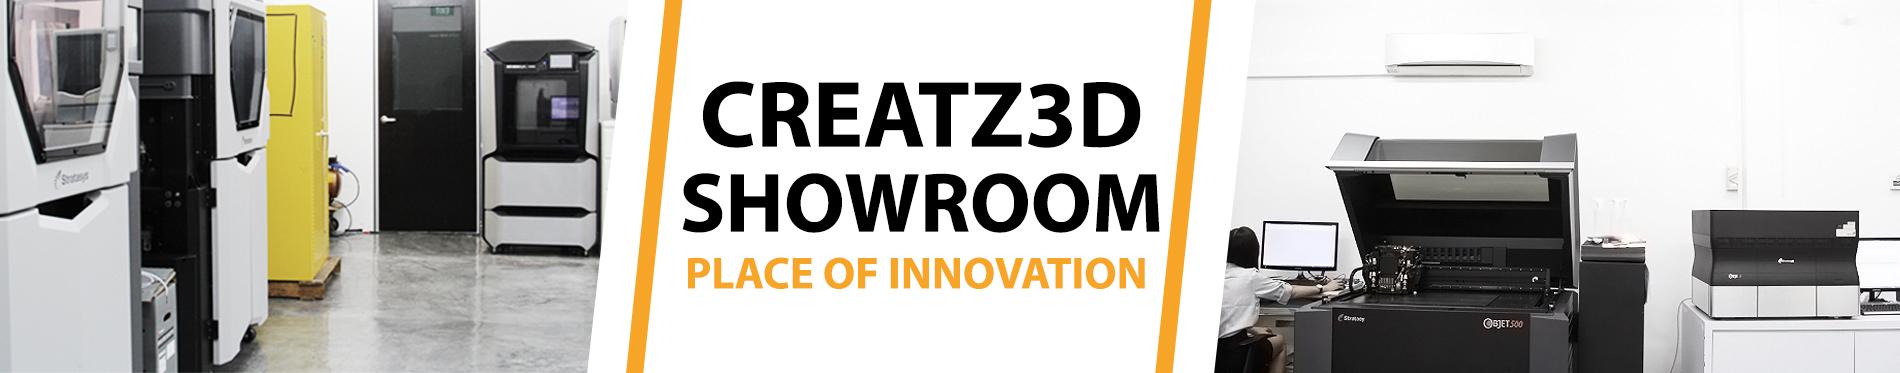 Creatz3d showroom